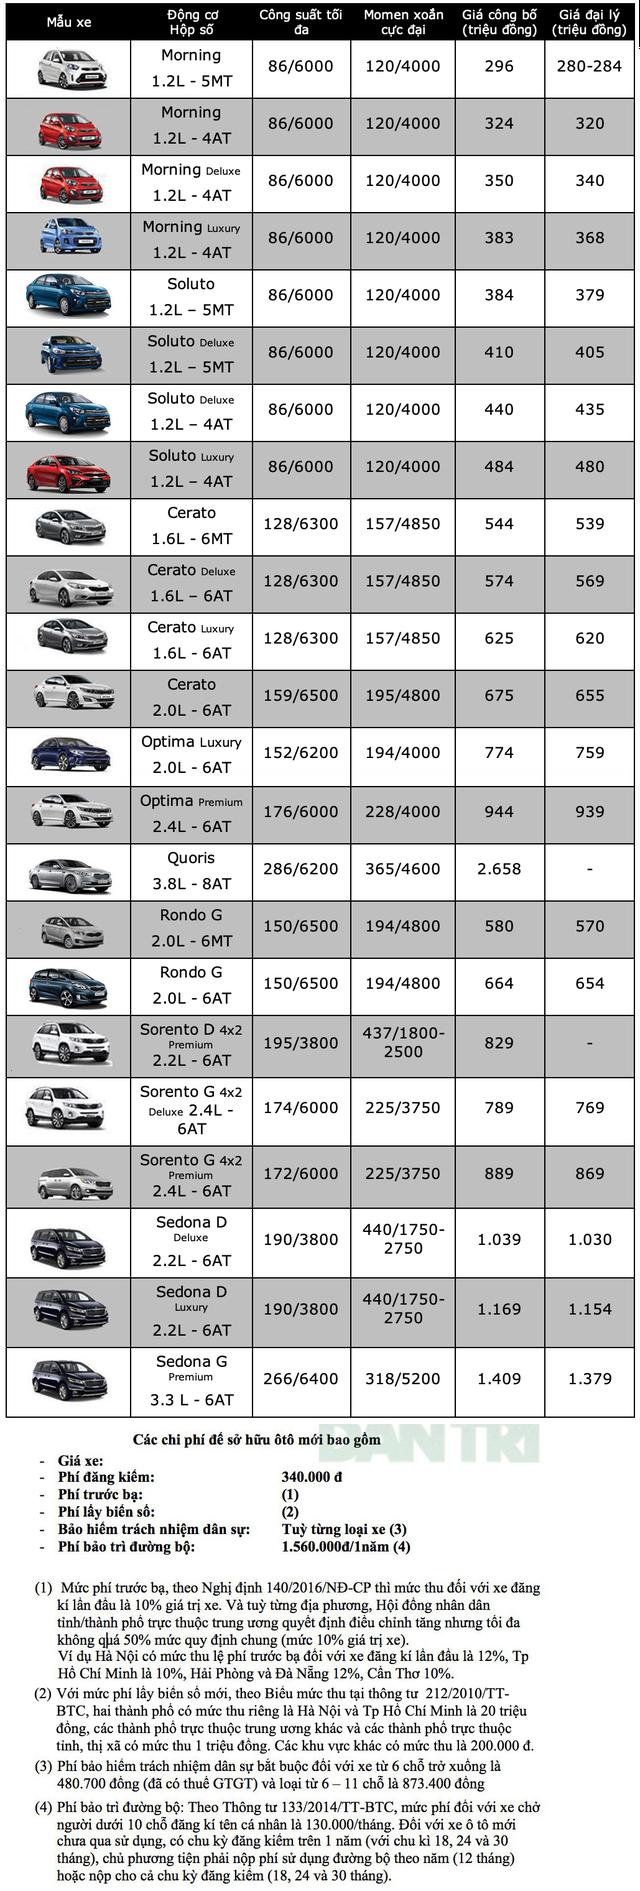 Bảng giá KIA tháng 5/2020 - 1